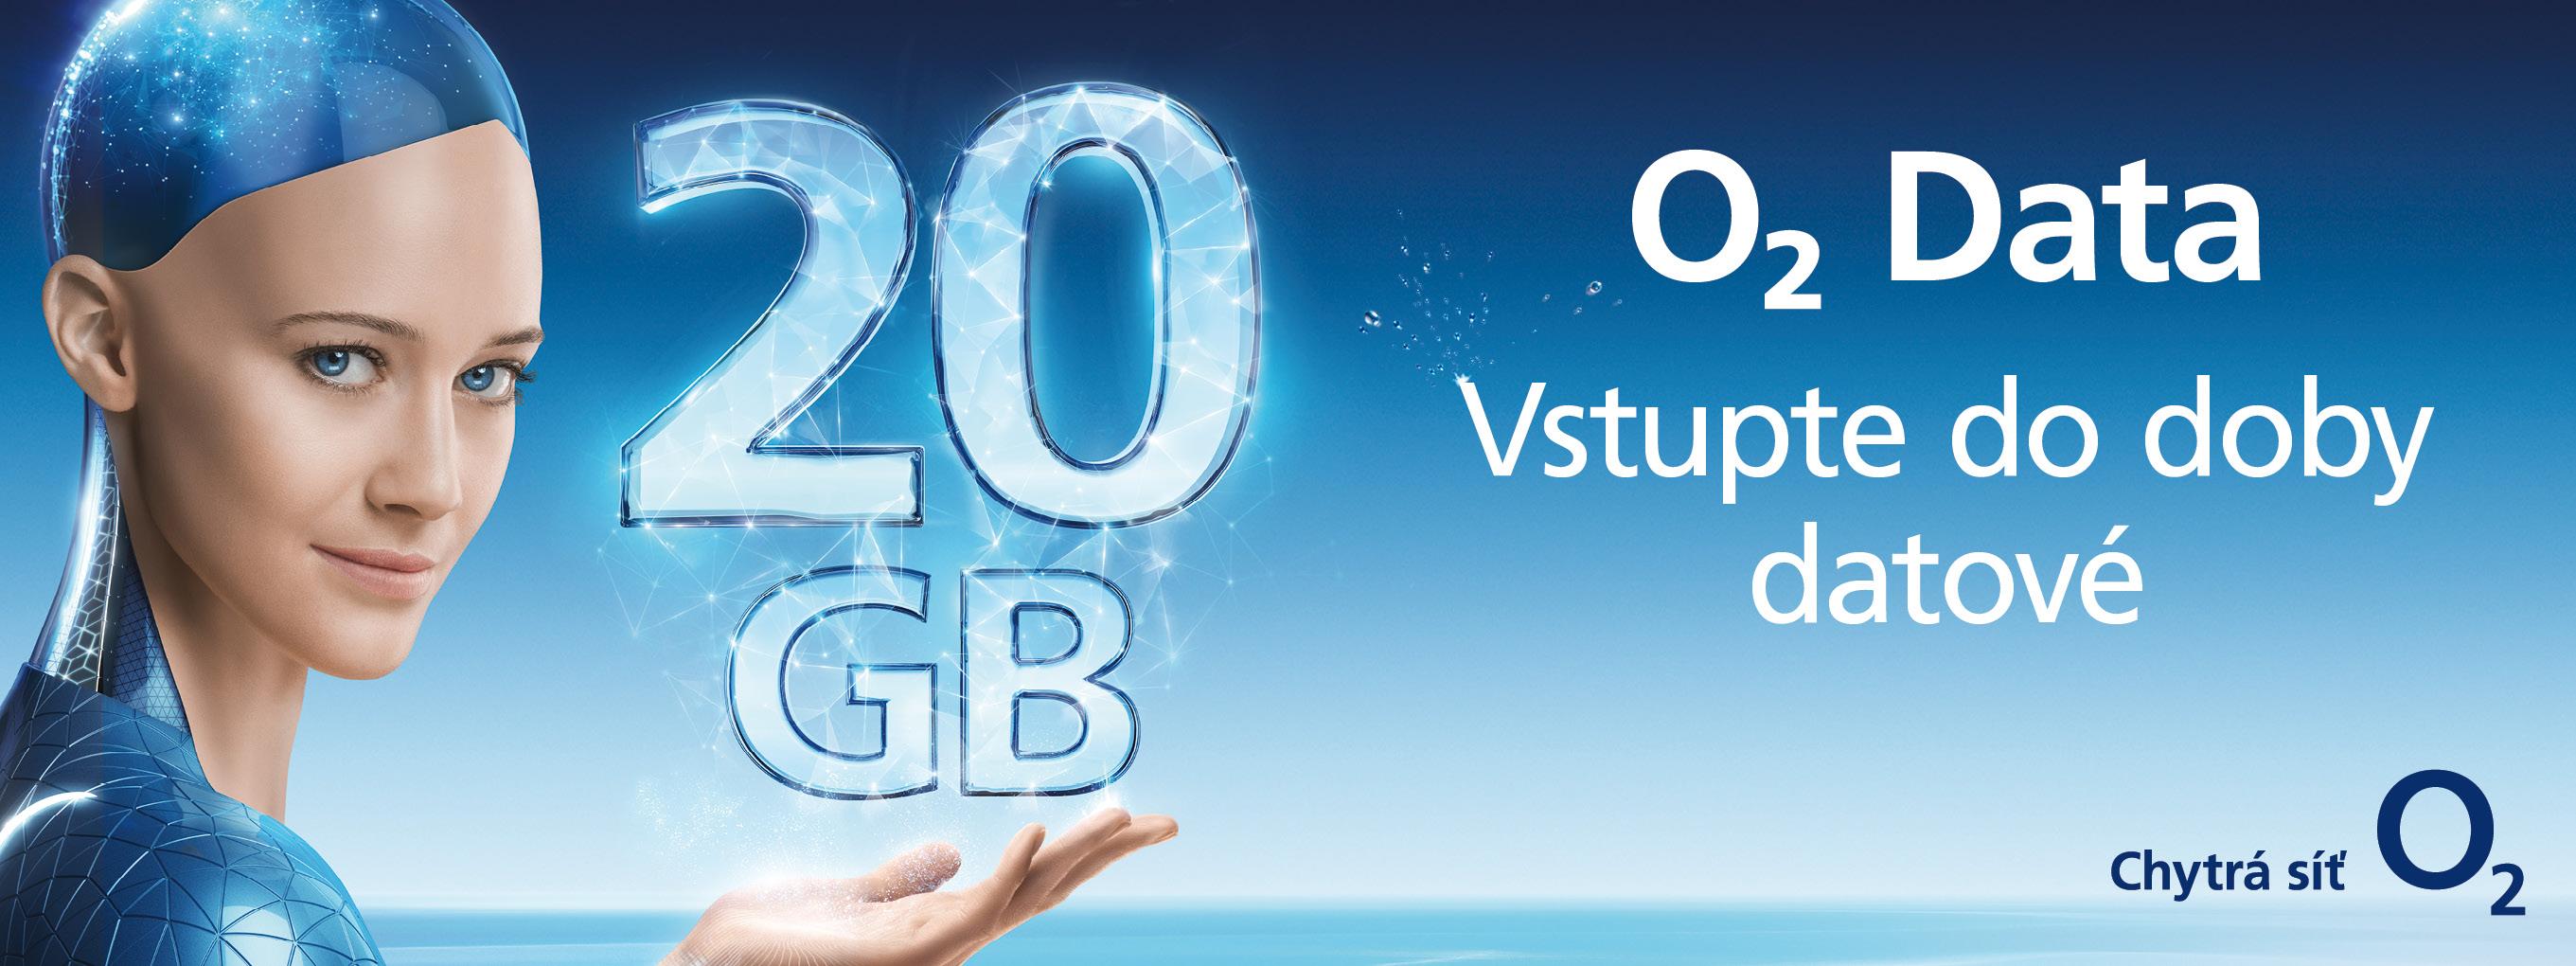 O2 představuje nové datové tarify